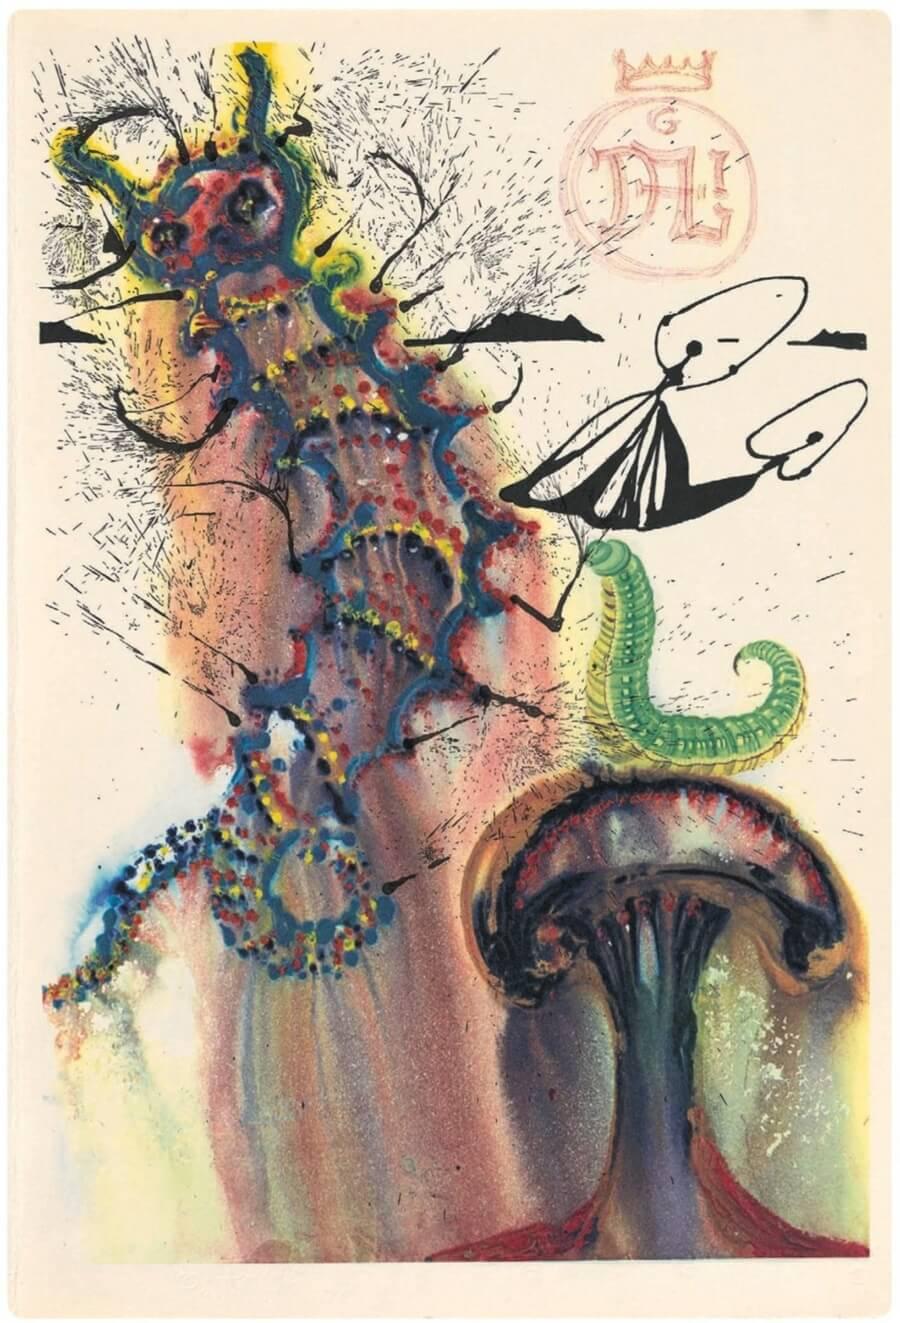 Ilustraciones de Dalí para la novela de Lewis Carol se publican